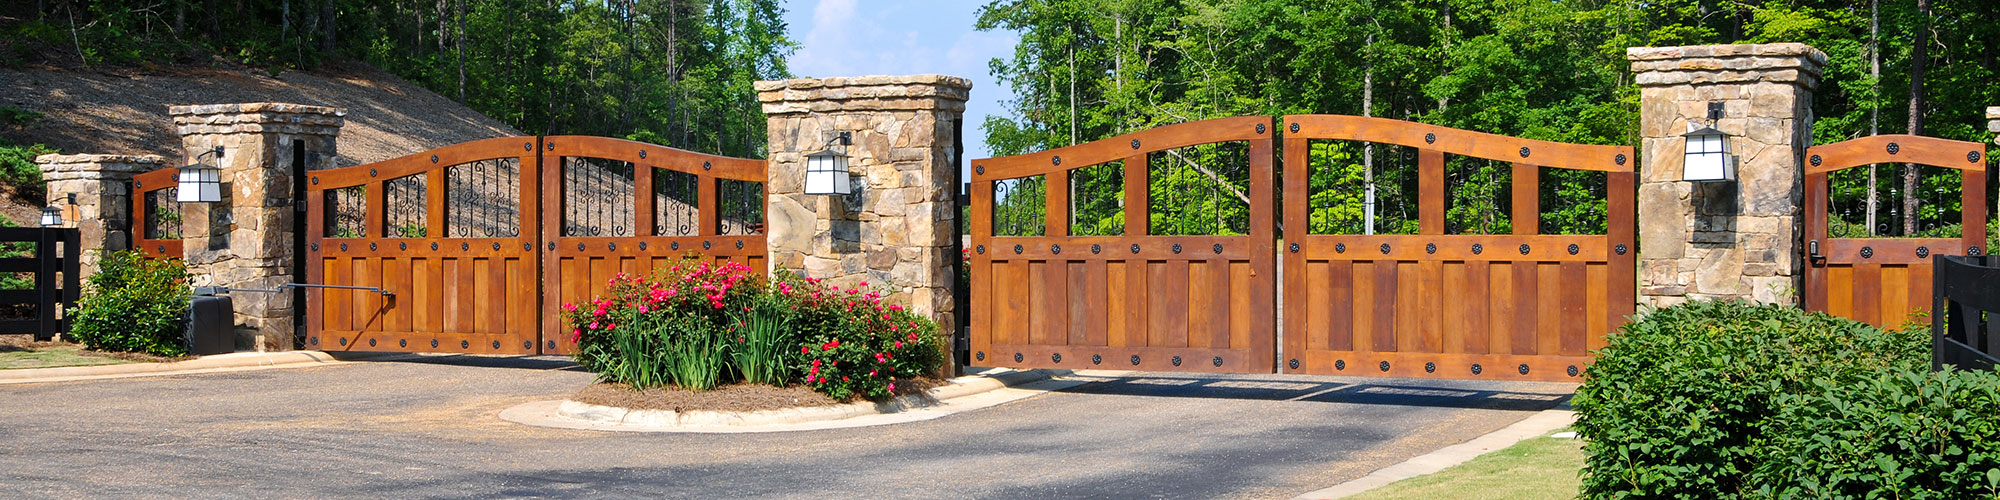 gate-repair Electric Gate Repair North Hills